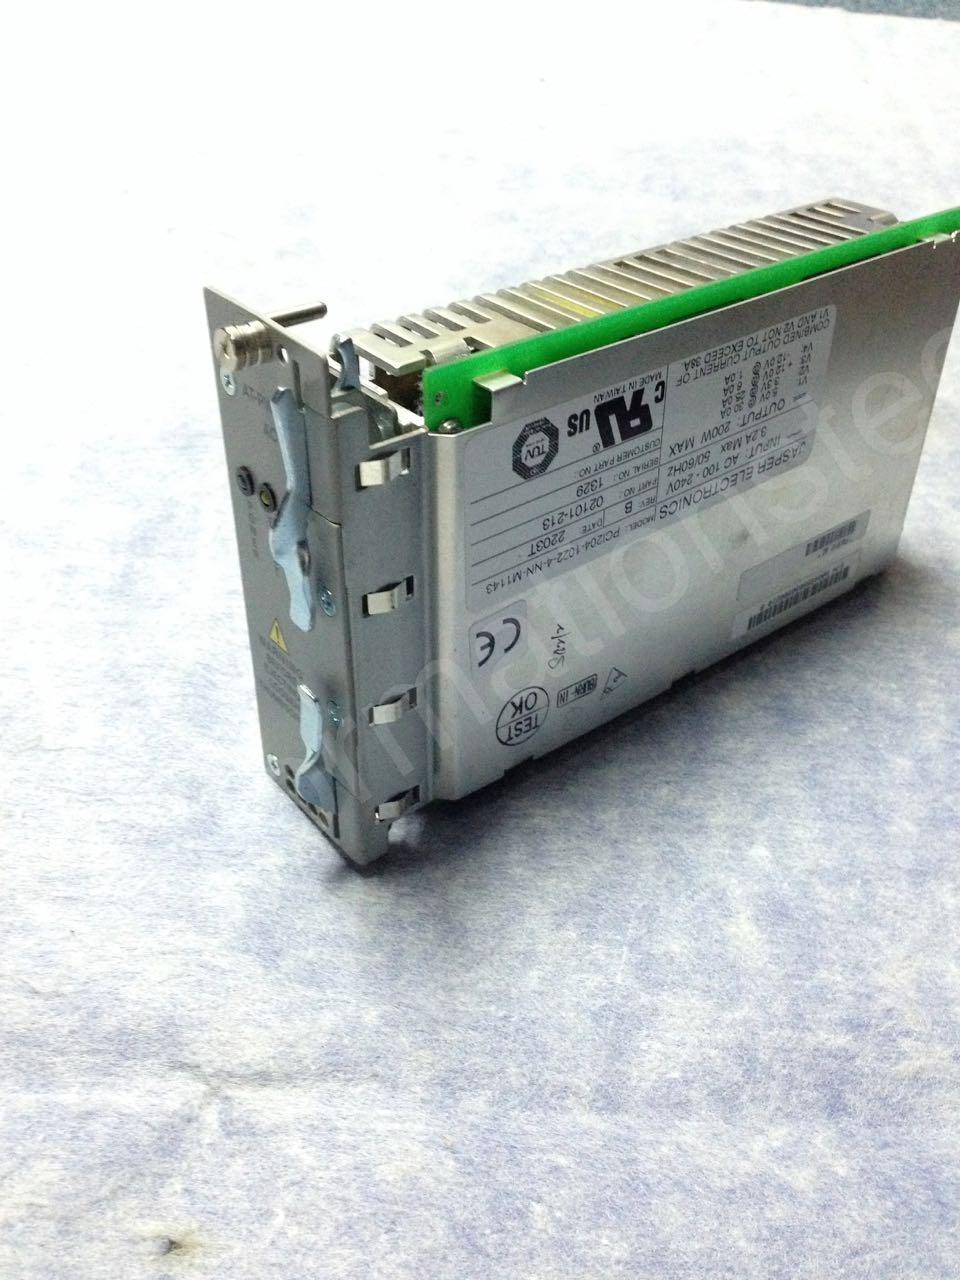 PCI204-1022-4-NN-M1143